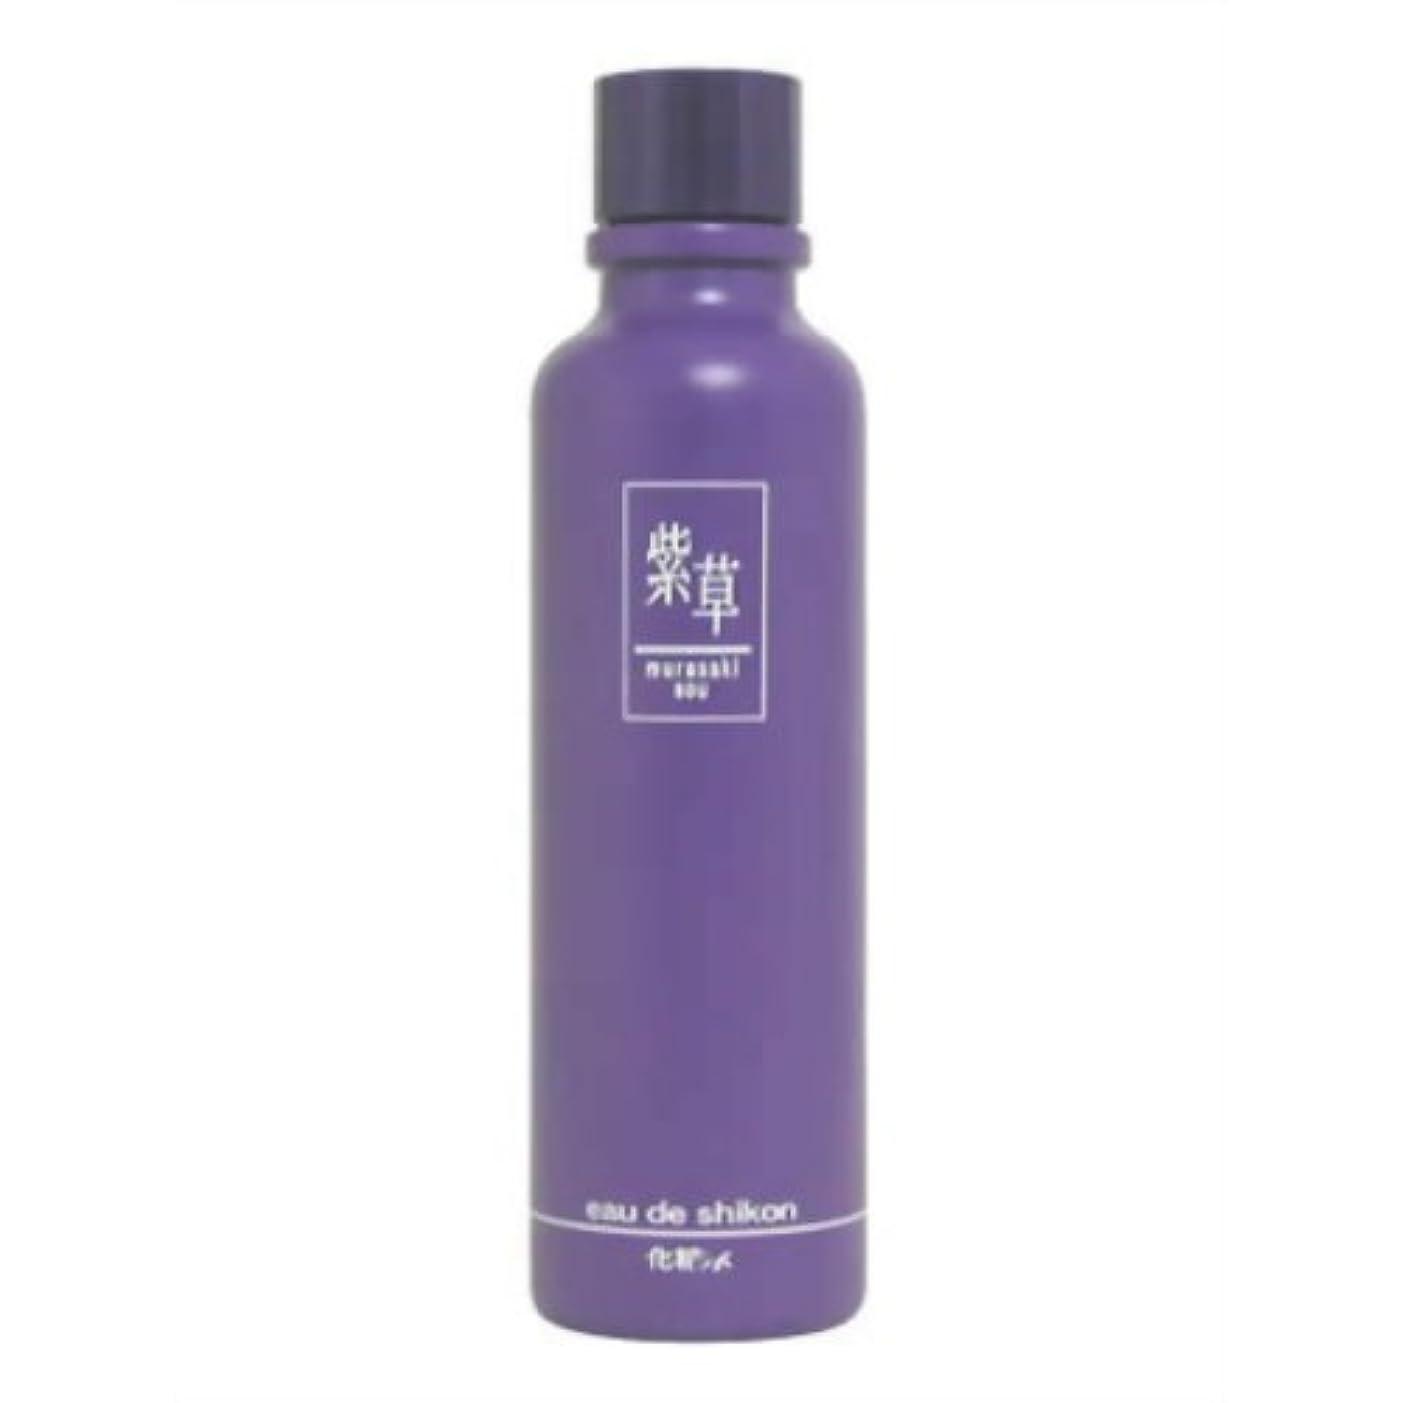 吸収省略する正直紫草 オーデシコン無香料(化粧水)